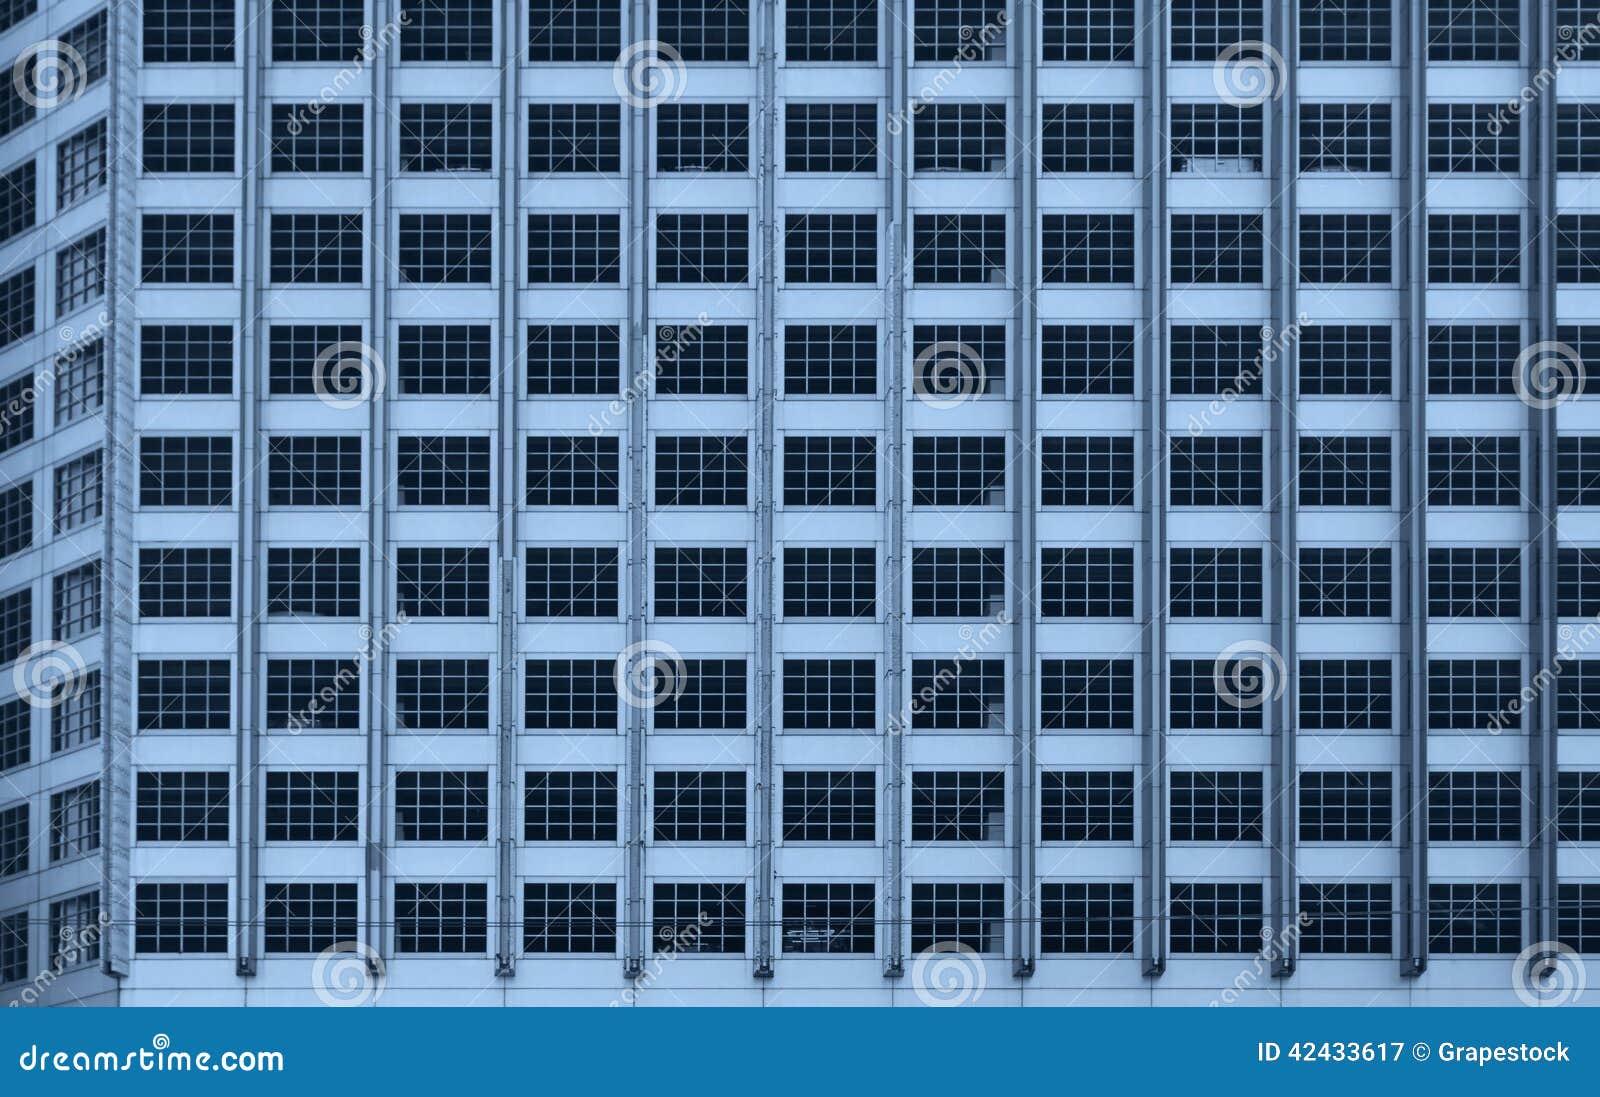 Fondo del edificio de oficinas de Windows